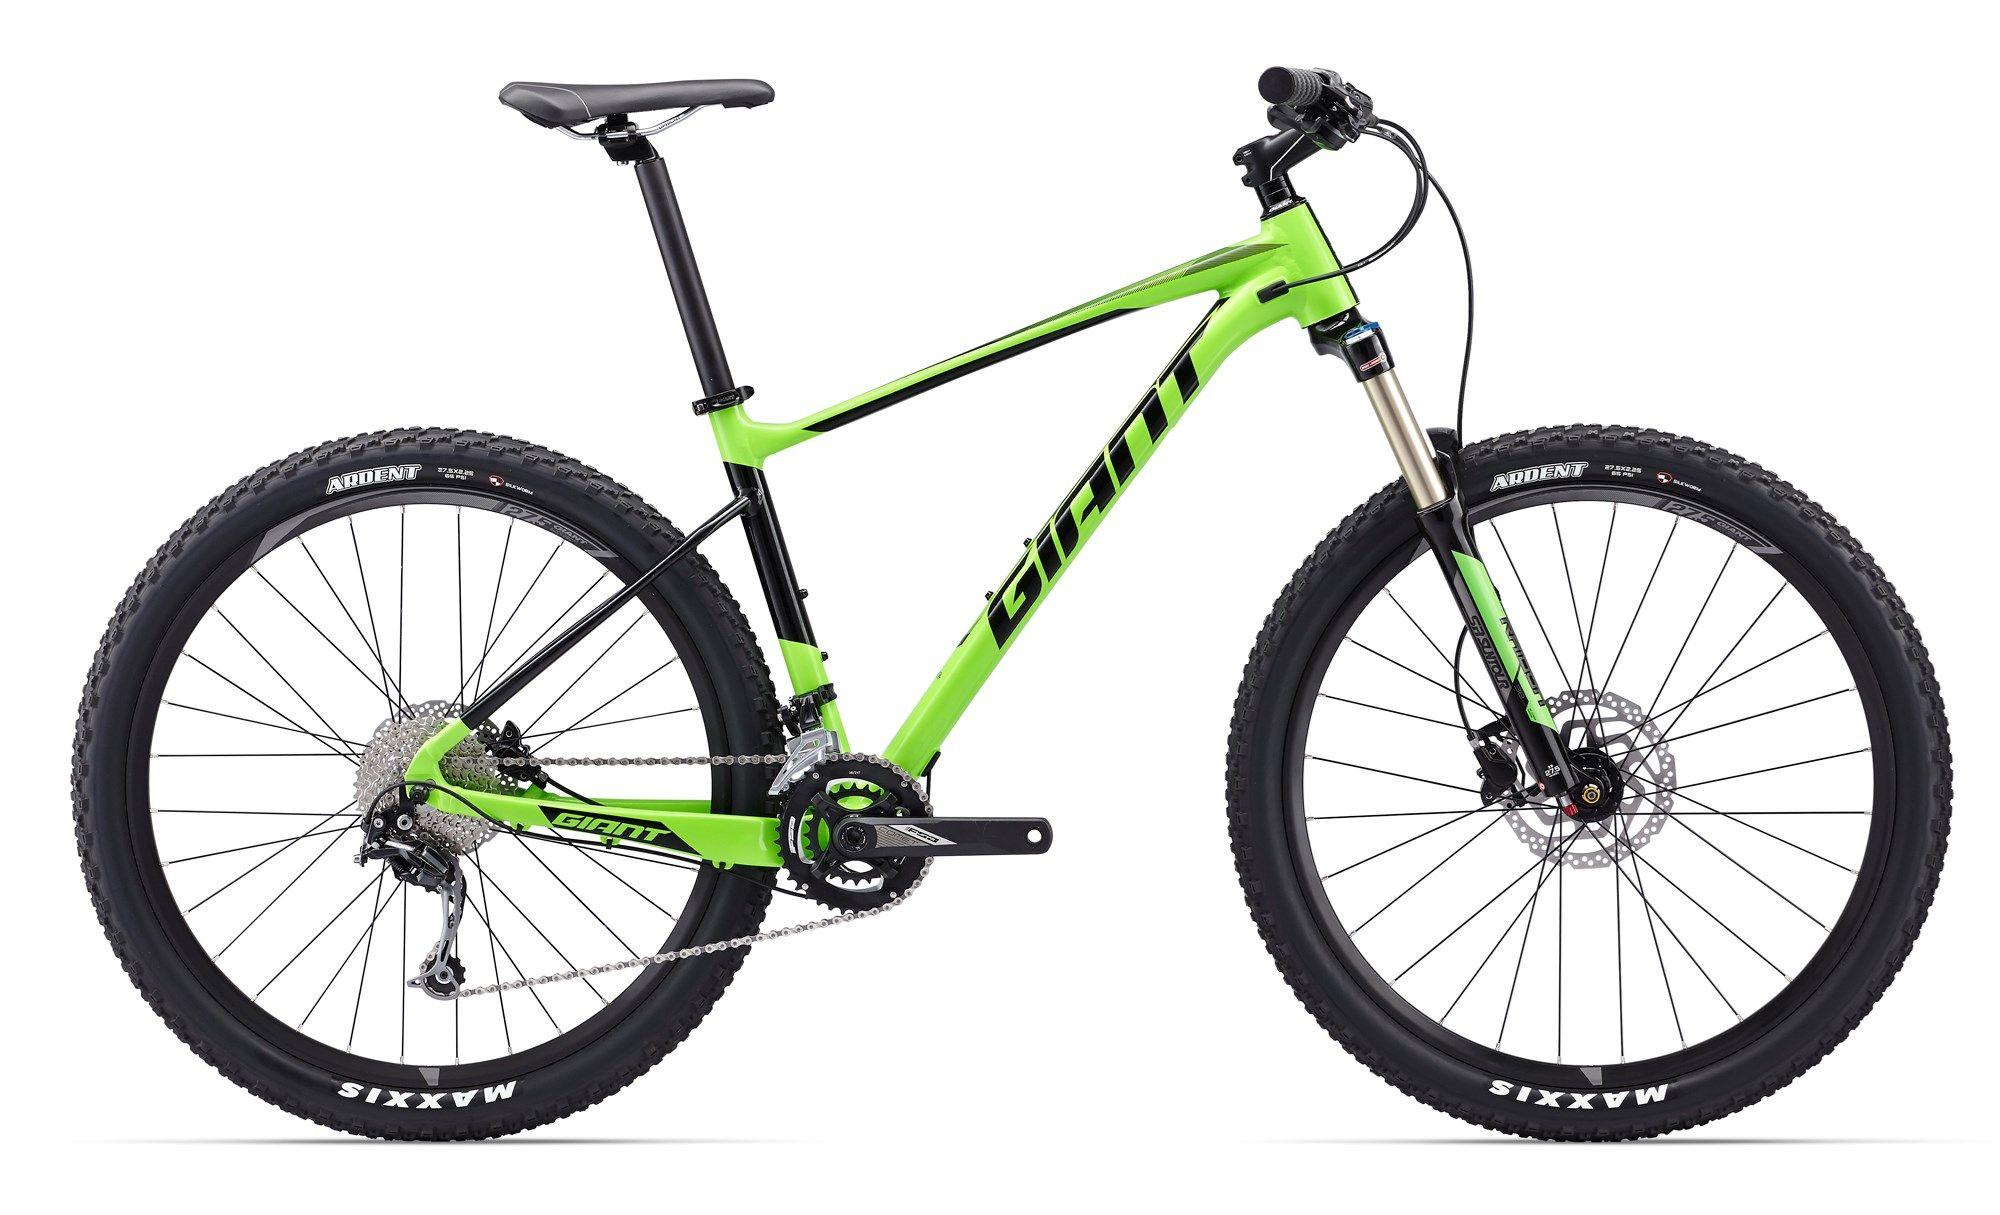 Велосипед Giant Fathom 2 2017 велосипед giant fathom 29er 2 ltd 2017 черный зеленый